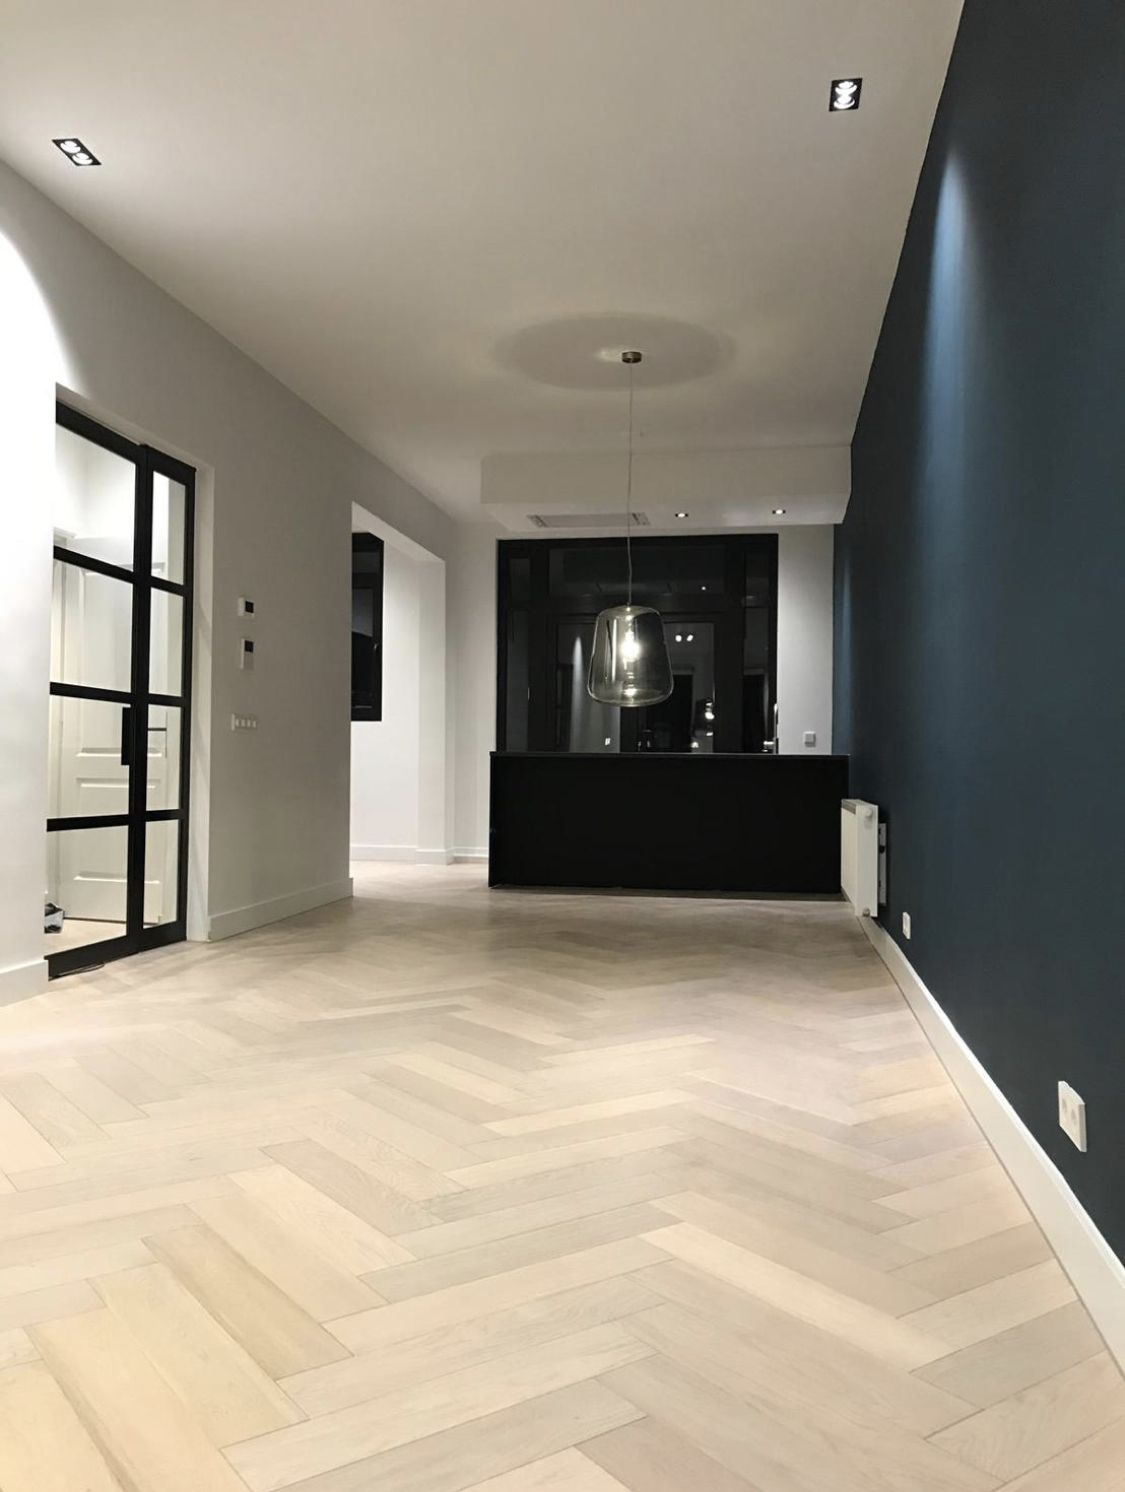 Woonkamer Vloerontwerp Home Deco Visgraat Vloer